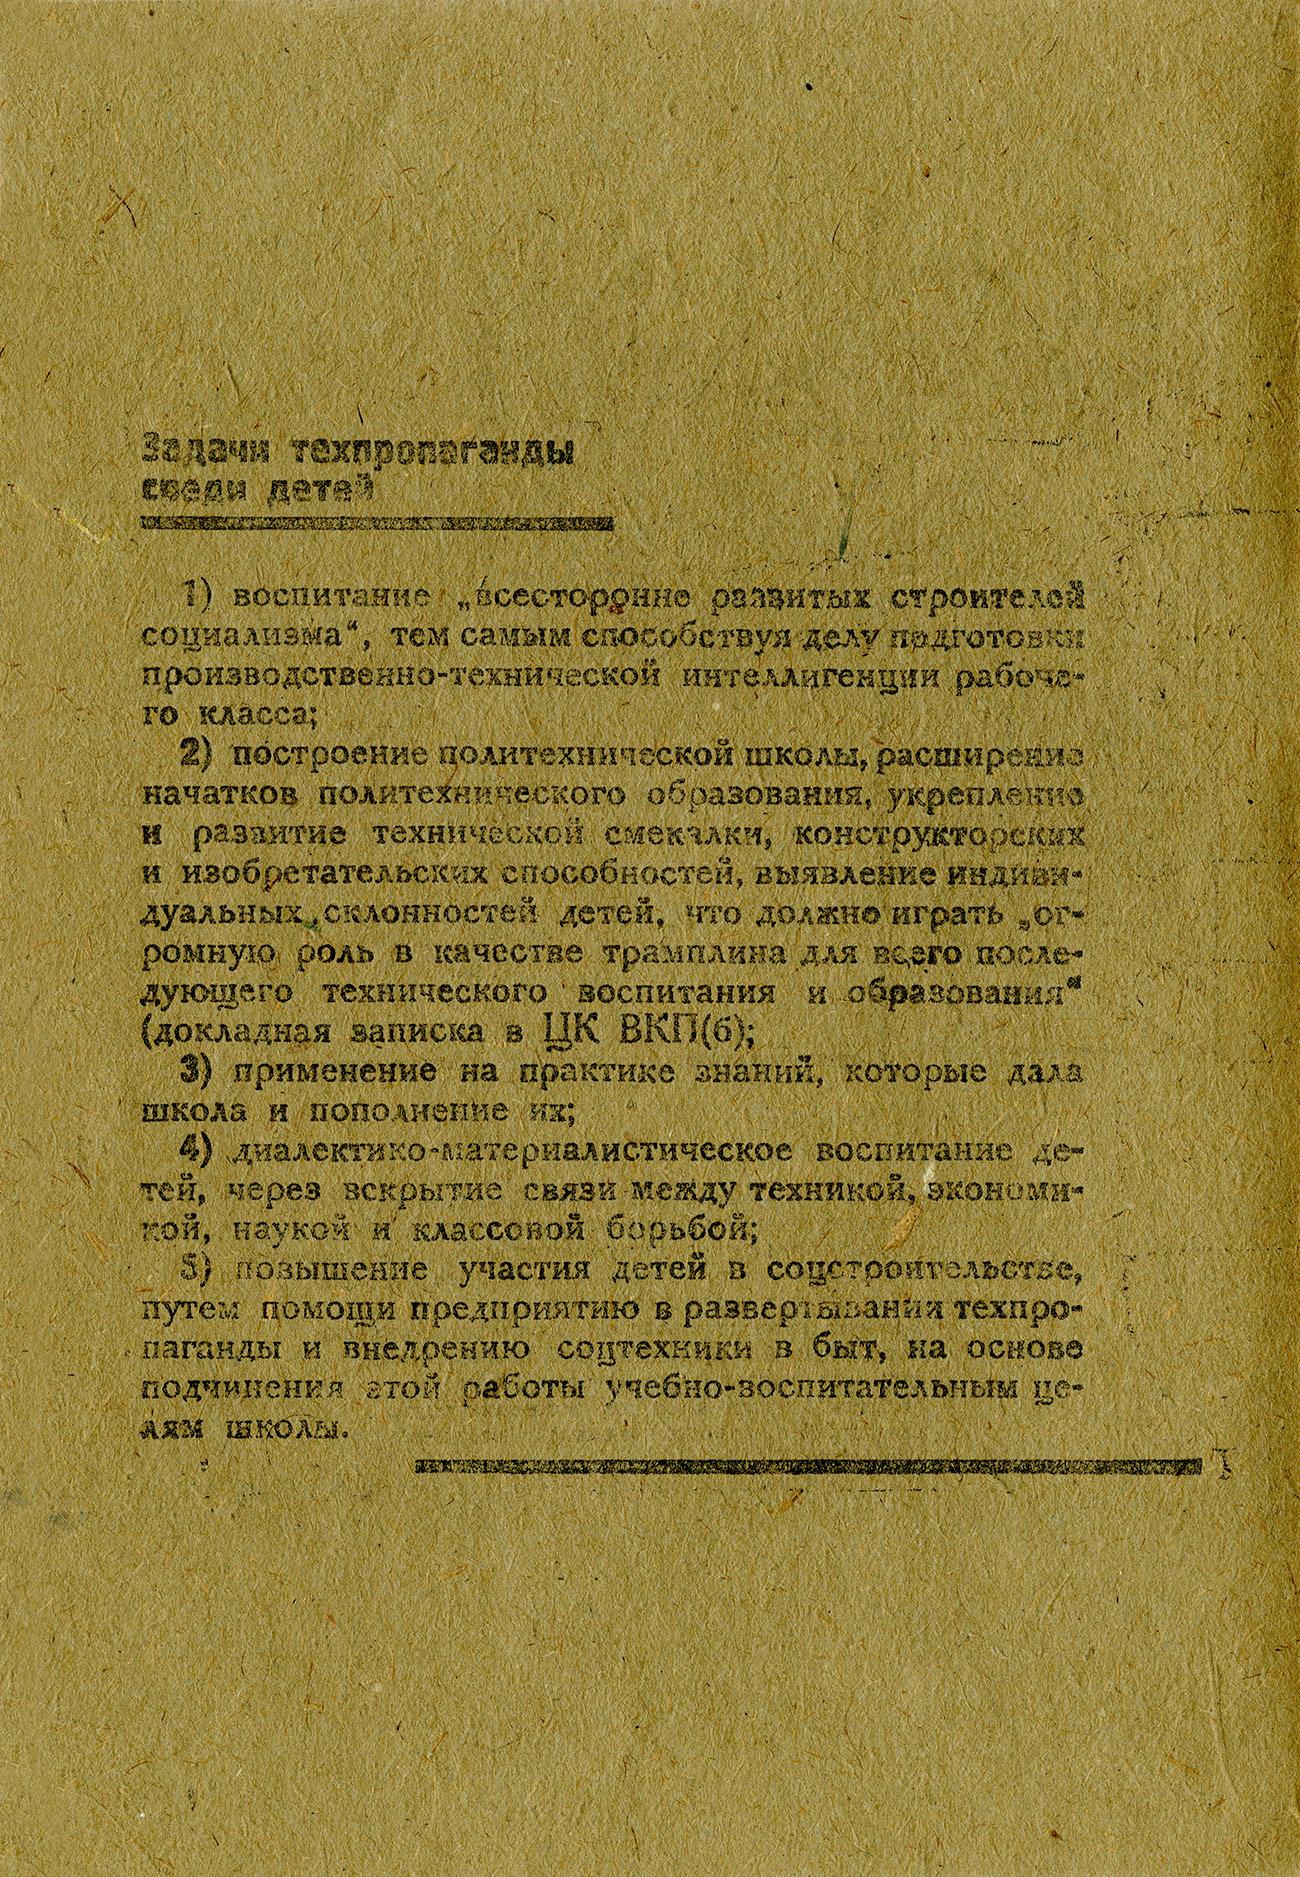 Тетрадь1933 стр. 2